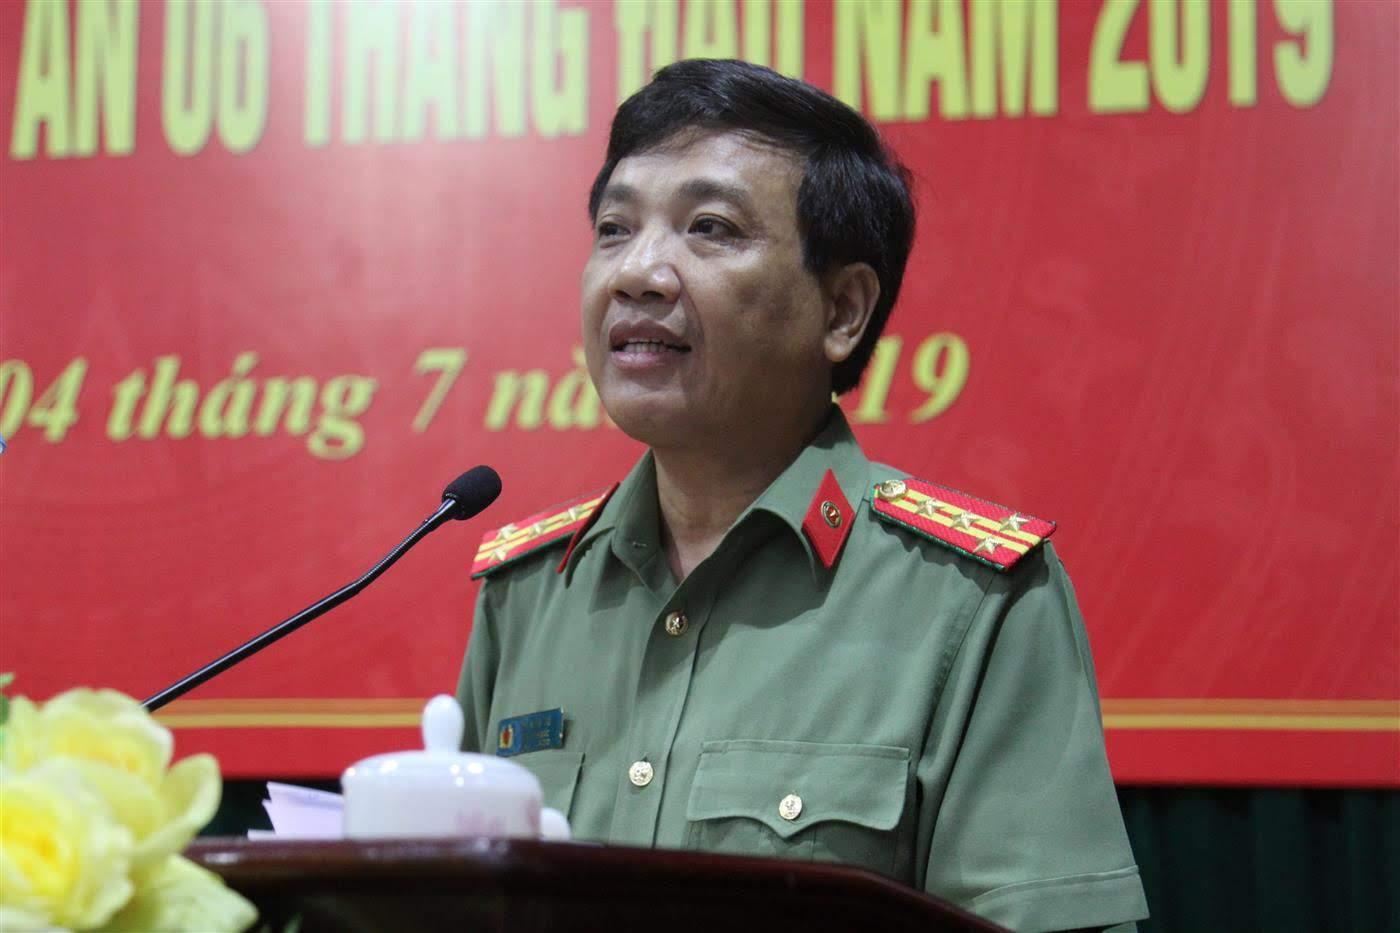 Đại tá Hồ Văn Tứ, Phó Bí thư Đảng ủy, Phó Giám đốc Công an tỉnh trình bày phương hướng, nhiệm vụ 6 tháng cuối năm 2019